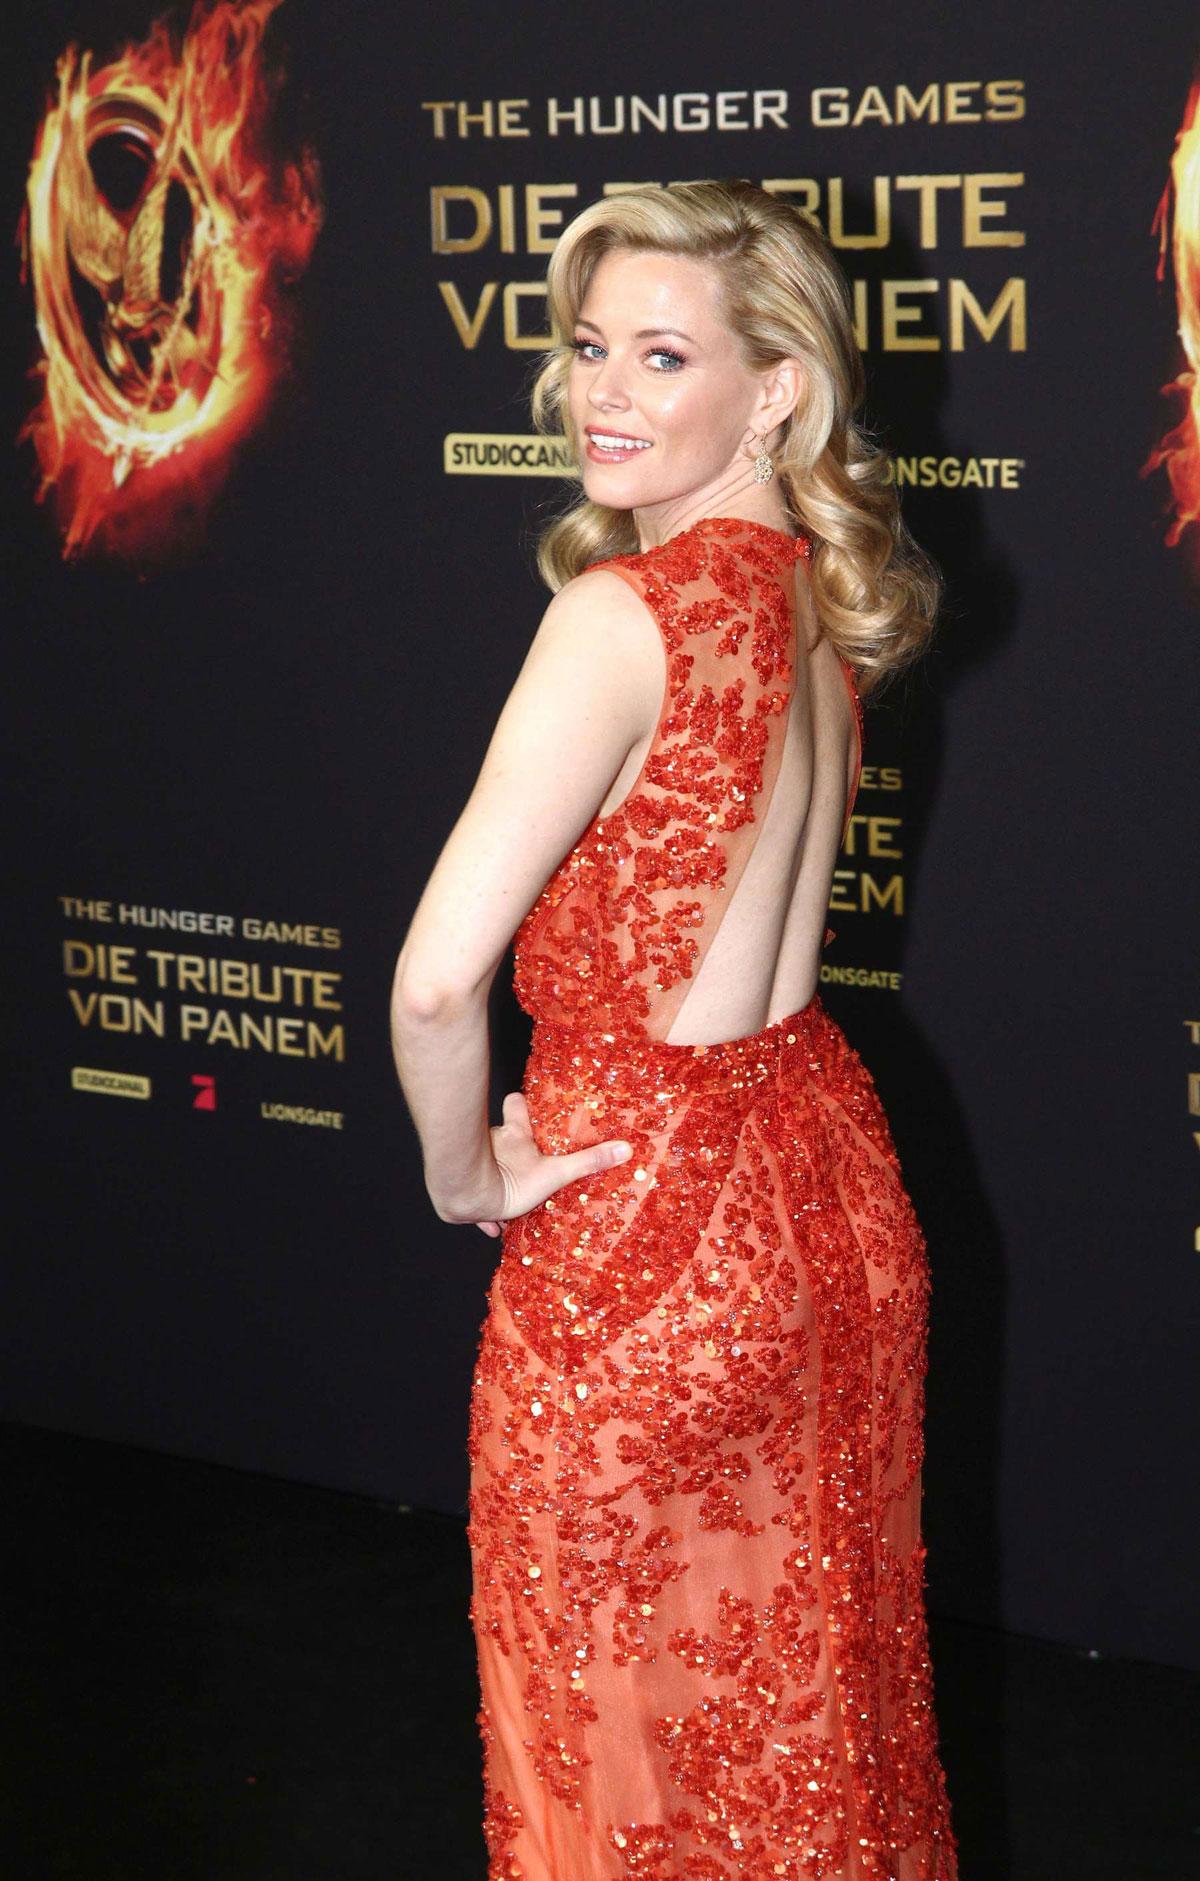 ELIZABETH BANKS at The Hunger Games Premiere in Berlin ...  ELIZABETH BANKS...